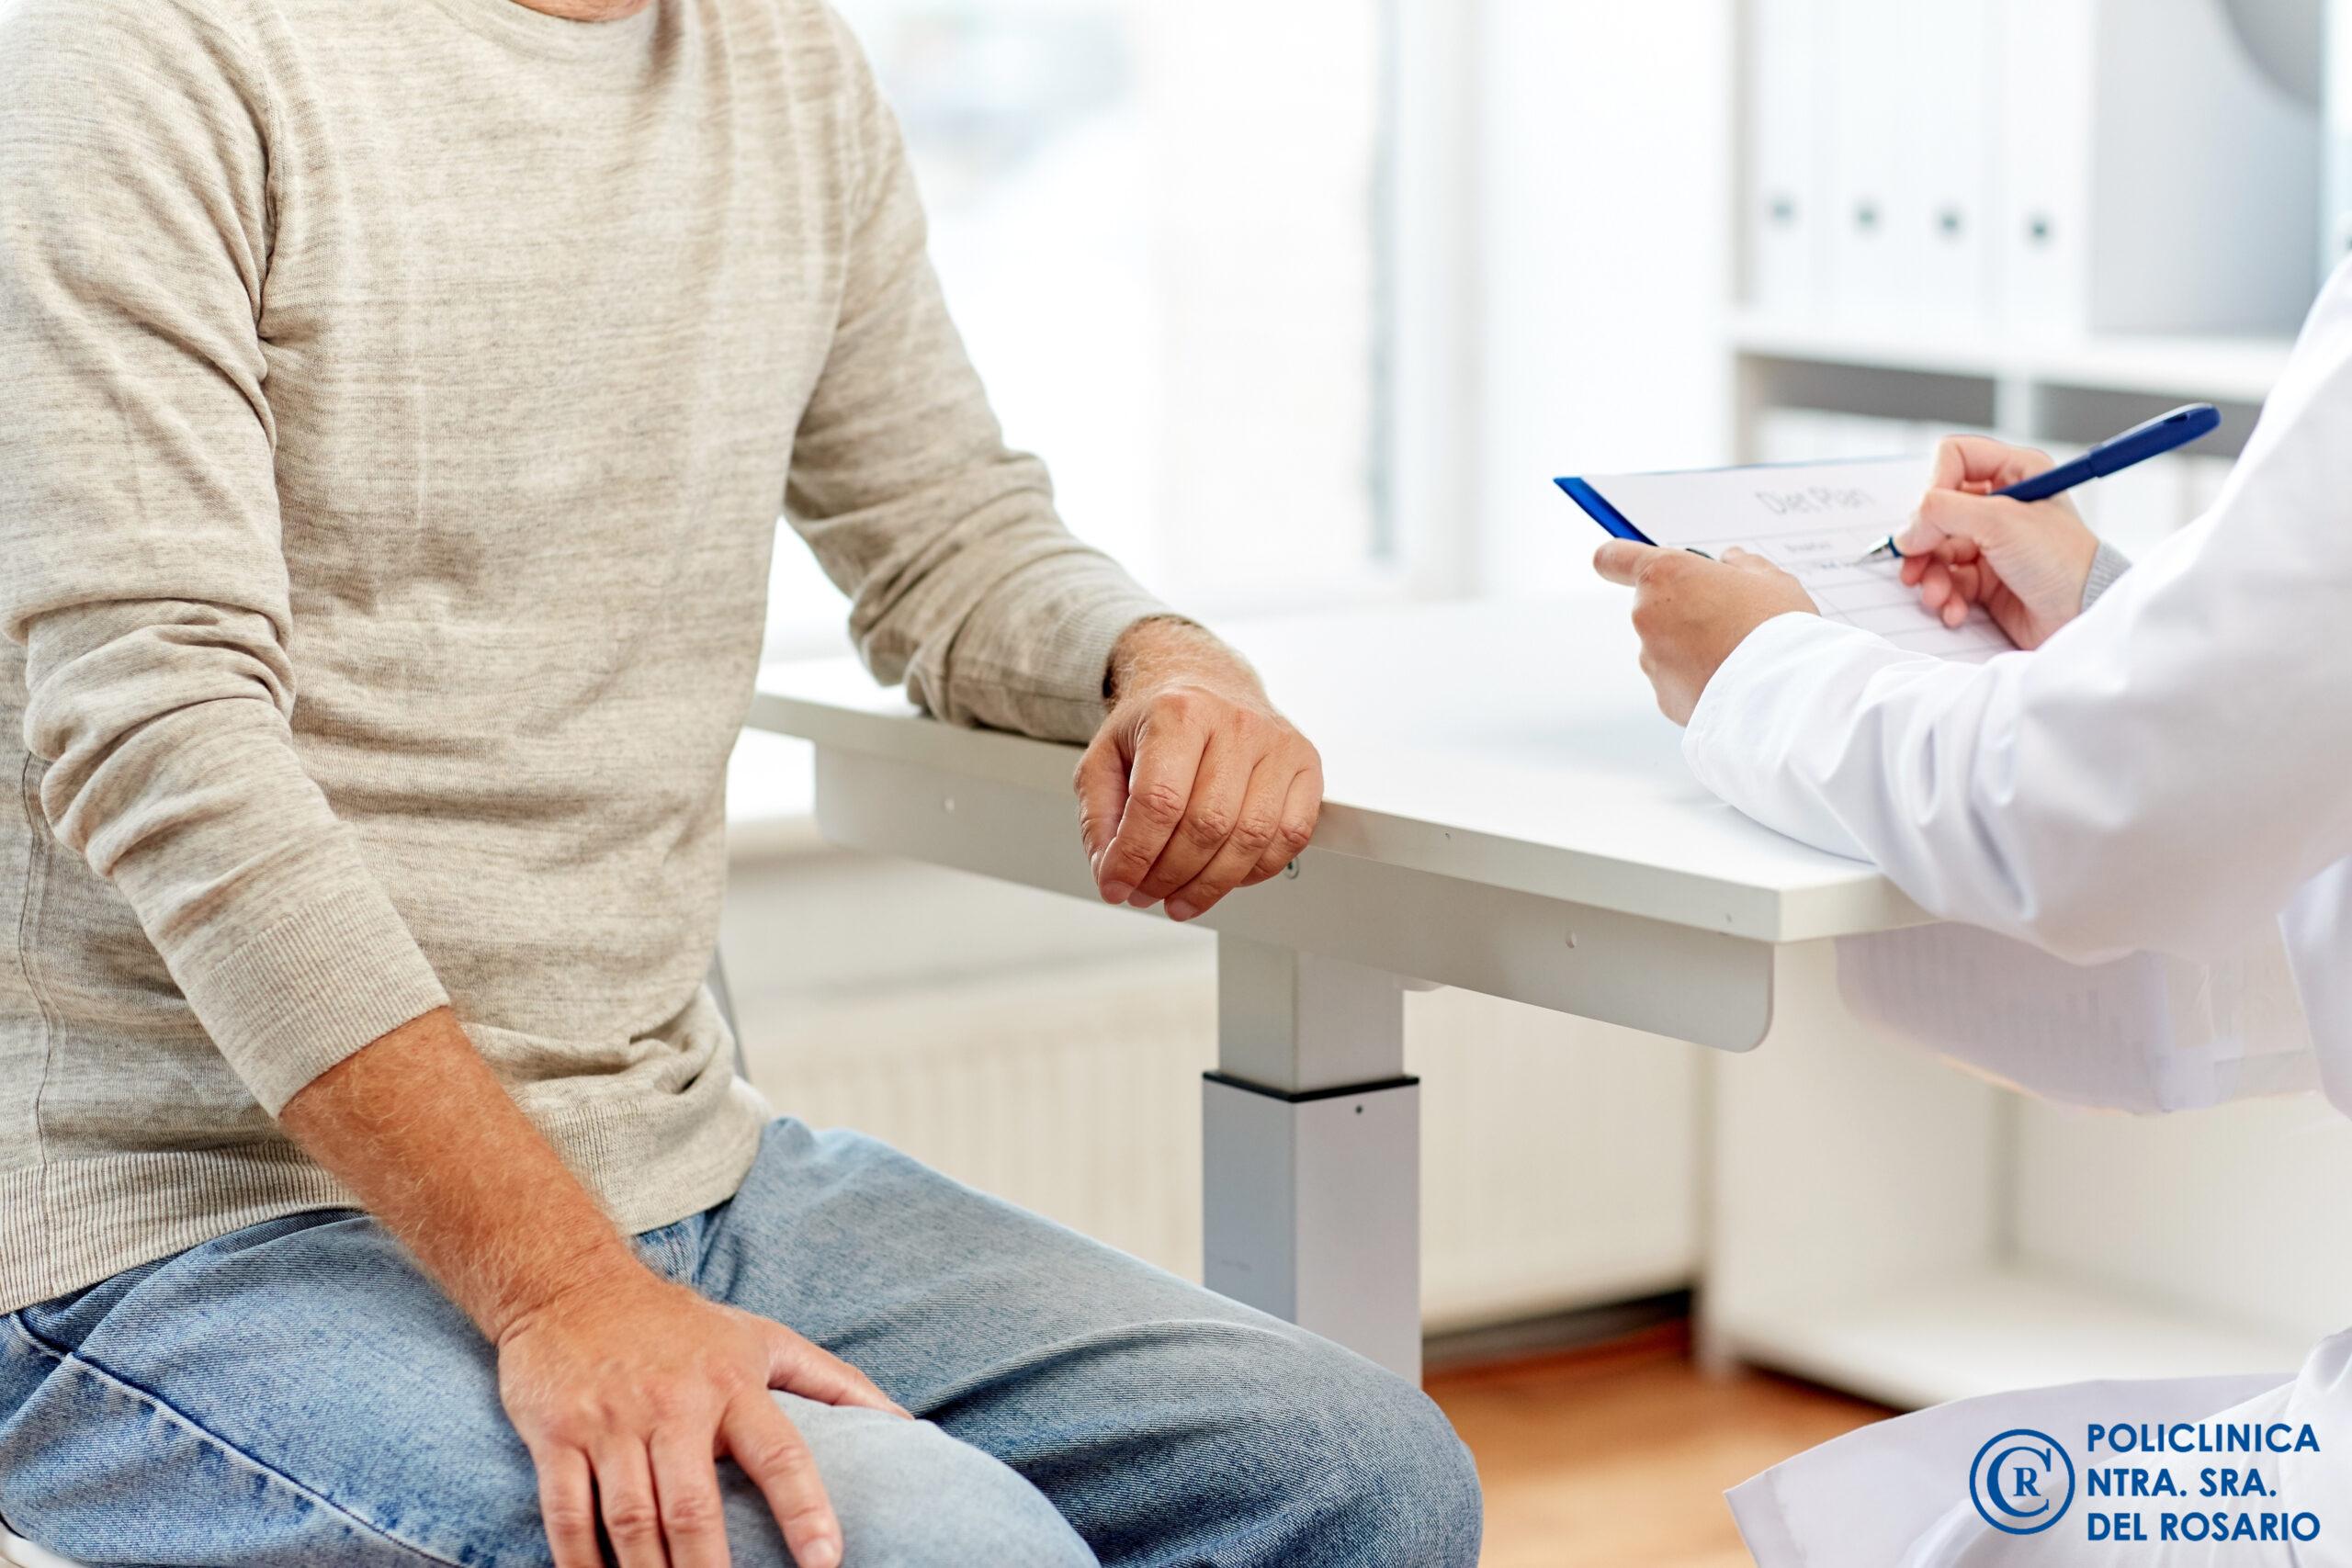 Cómo cuidar la salud prostática 1